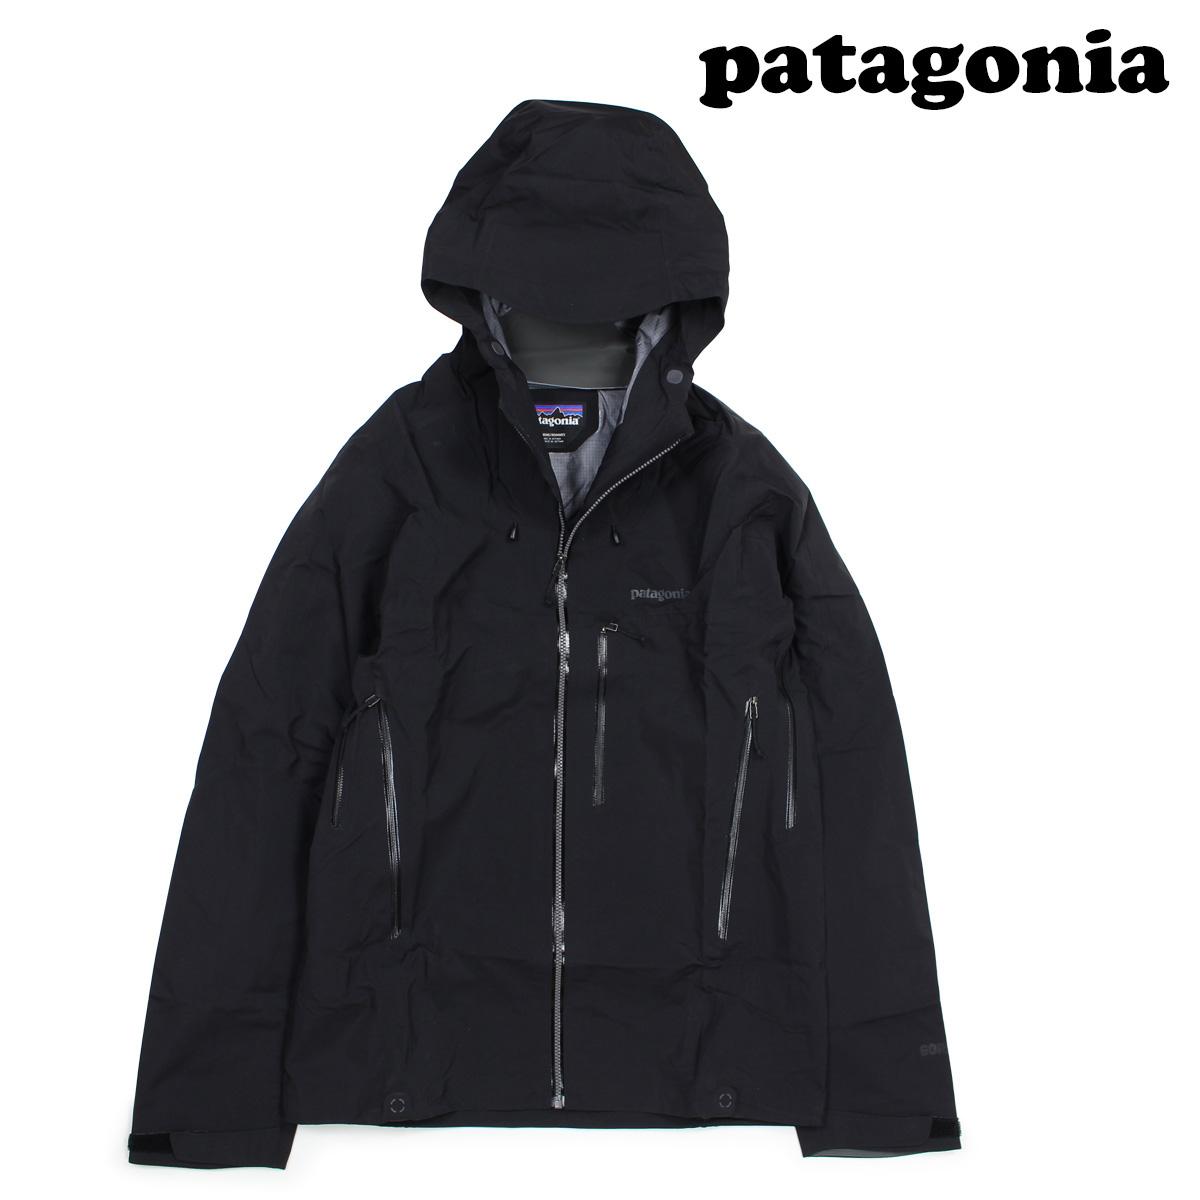 patagonia パタゴニア ジャケット メンズ ゴアテックス MENS PLUMA JACKET ブラック 83755